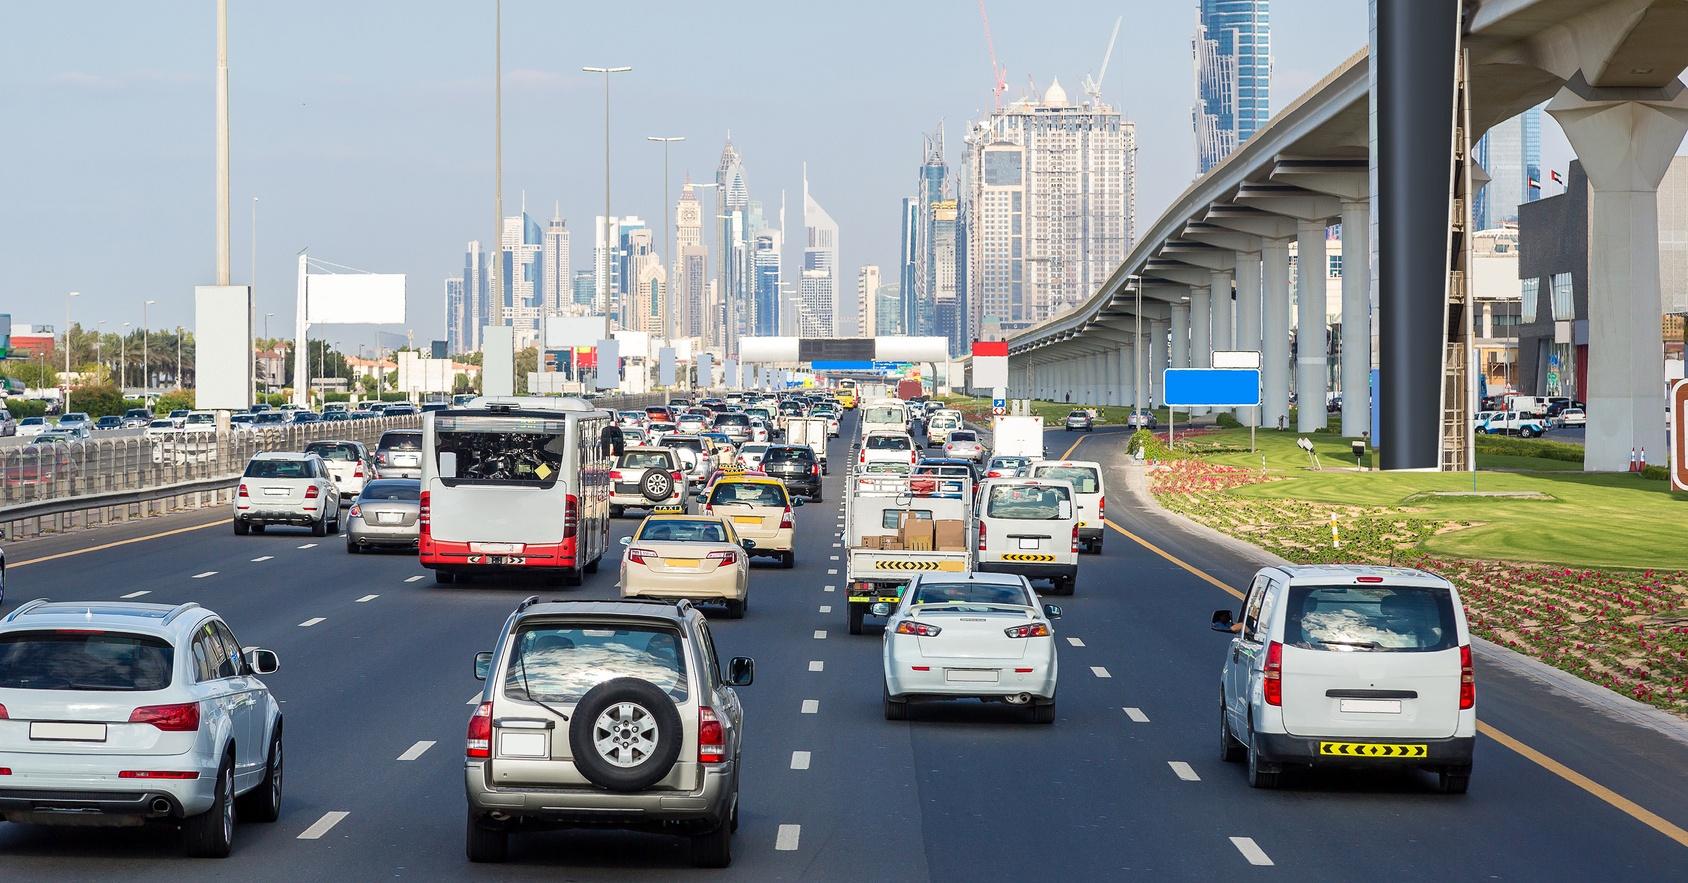 petrol-price-in-dubai-increase-september-2018-1